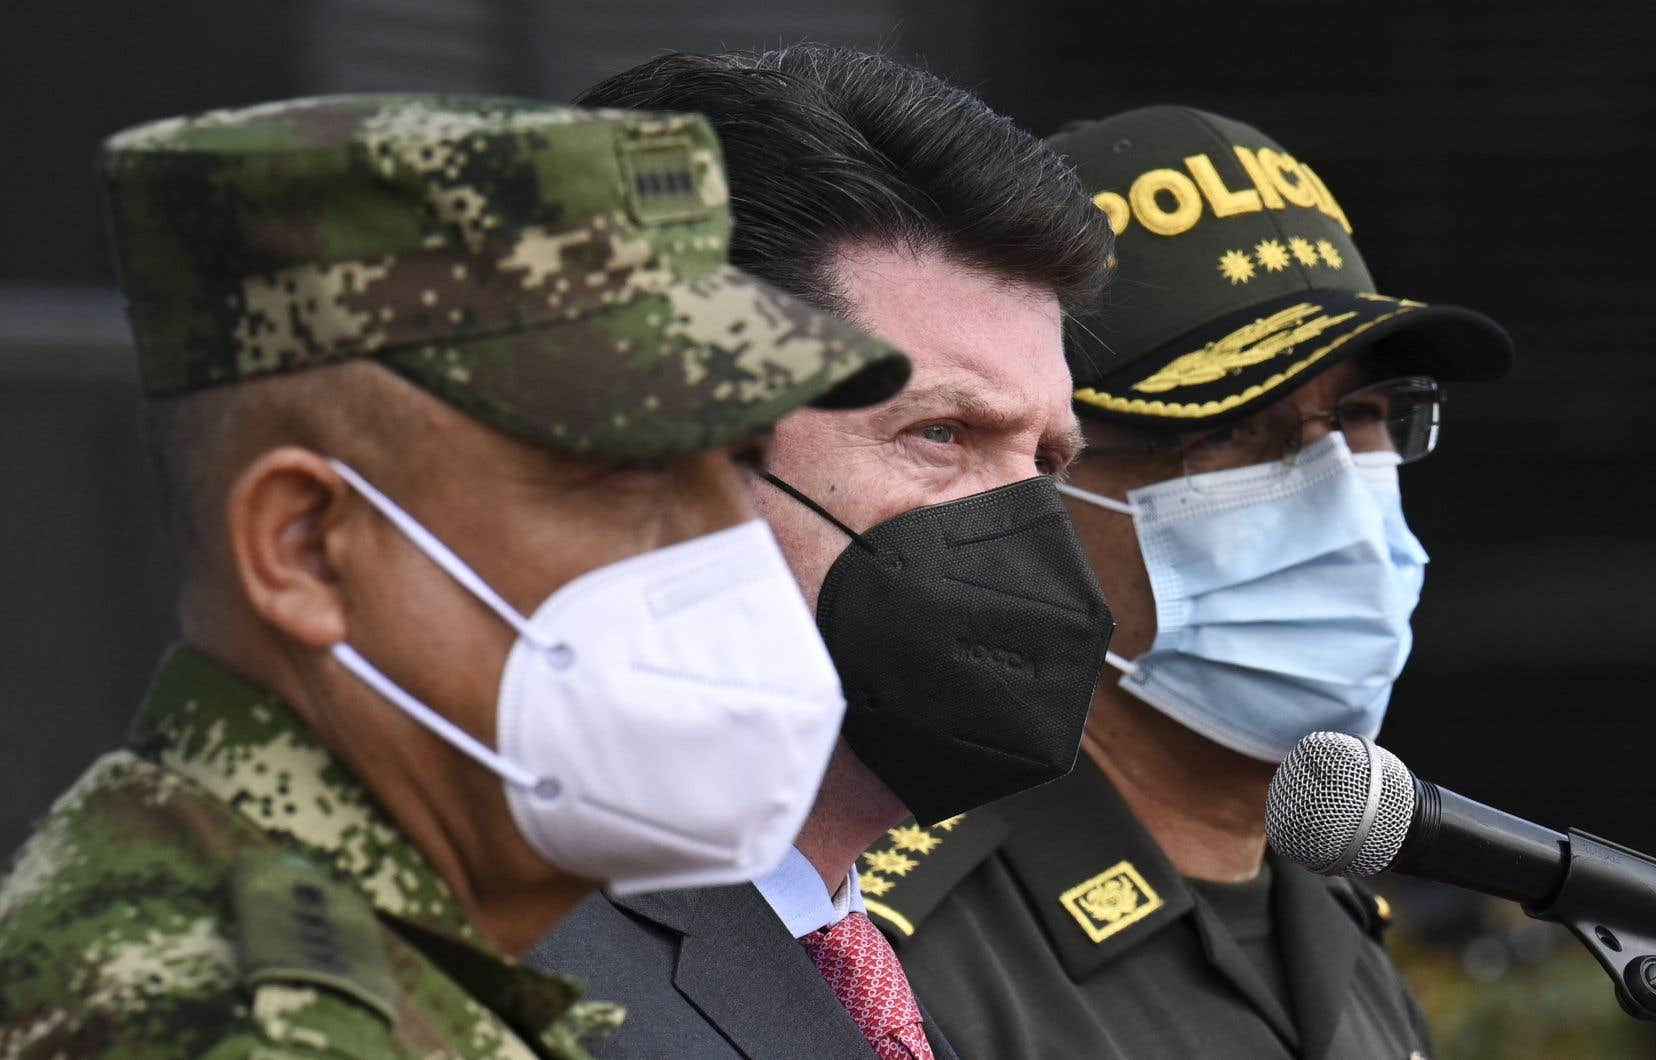 La police colombienne n'a toutefois pas précisé si Joseph Felix Badio avait agi sur l'ordre de commanditaires ni les raisons qui l'ont poussé à donner l'ordre de tuer M. Moïse.